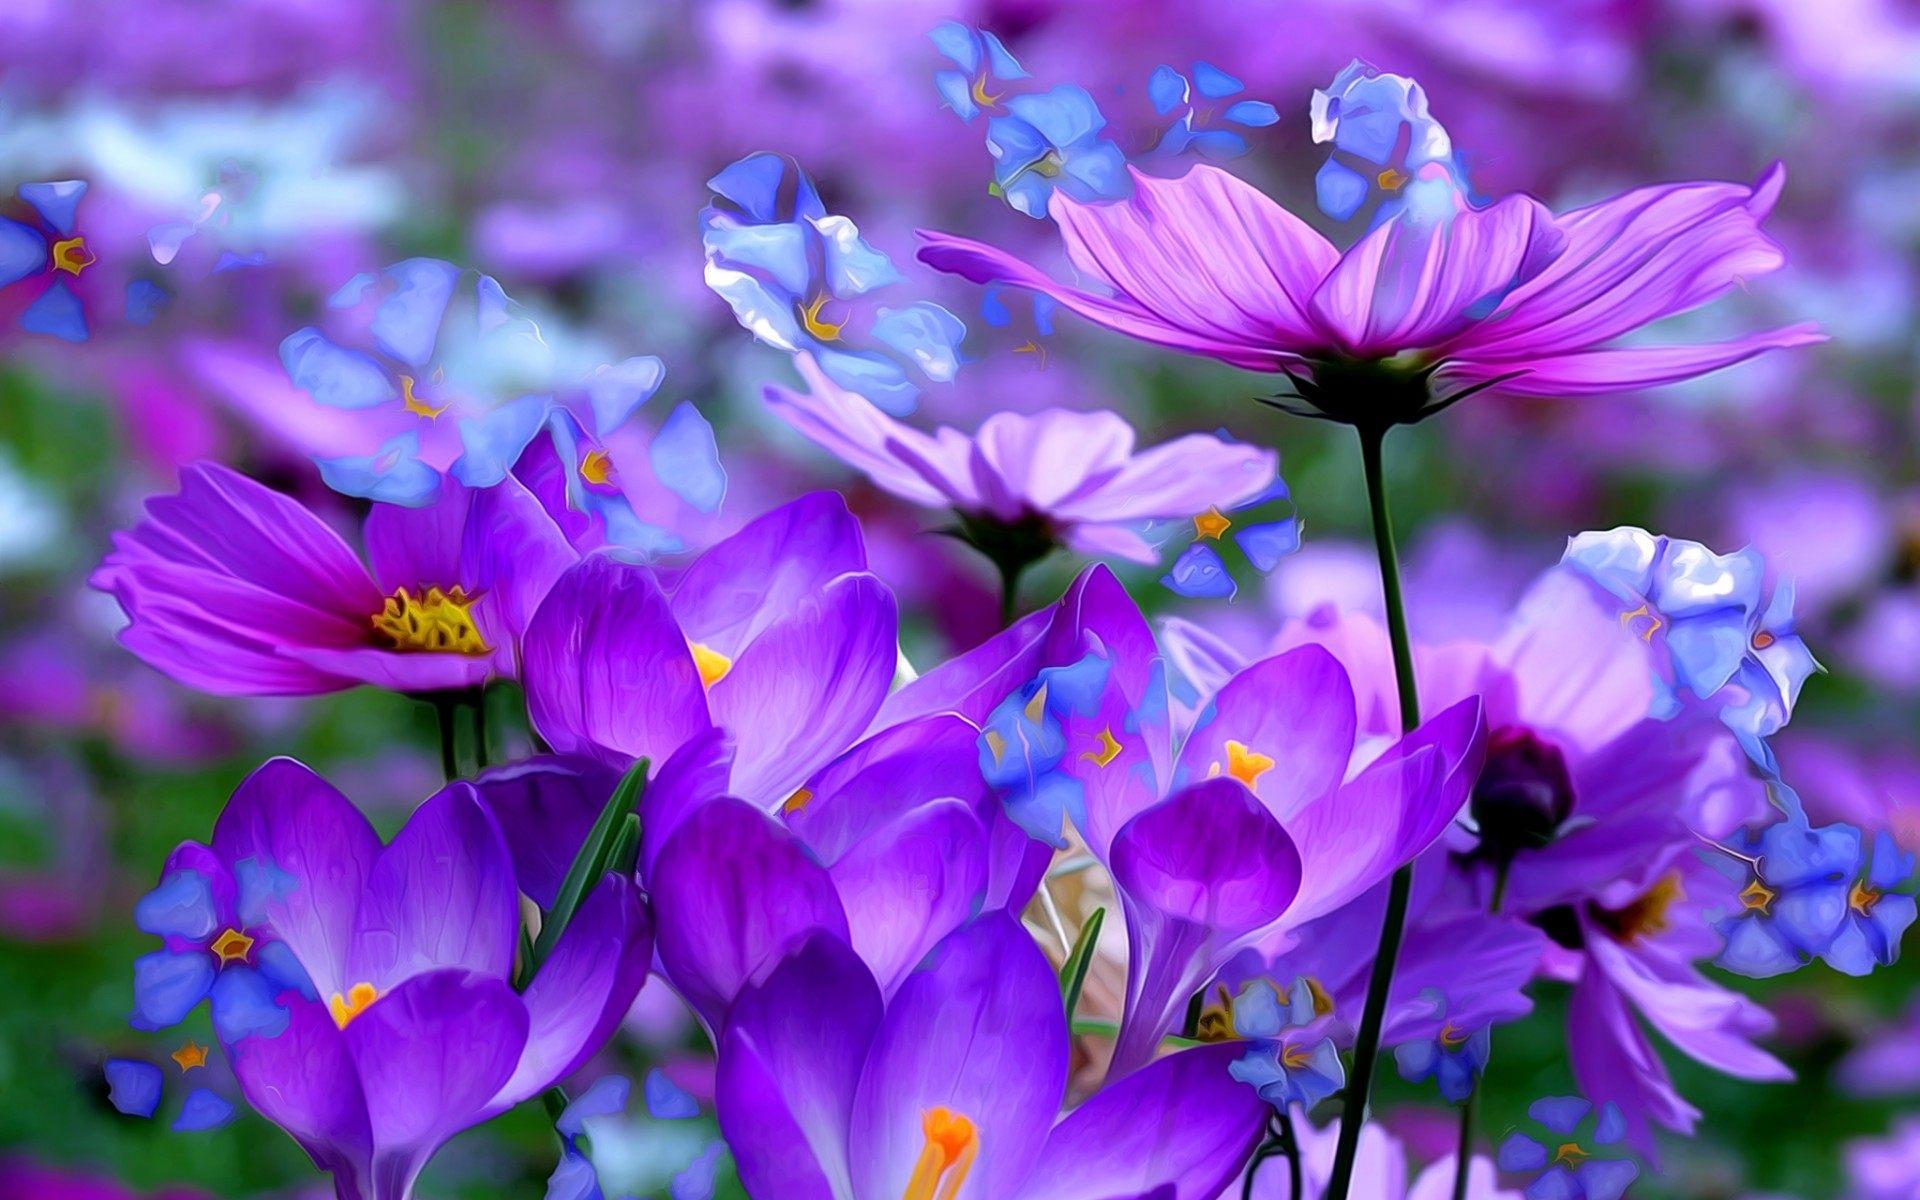 lavender purple flowers wallpaper | hd desktop background